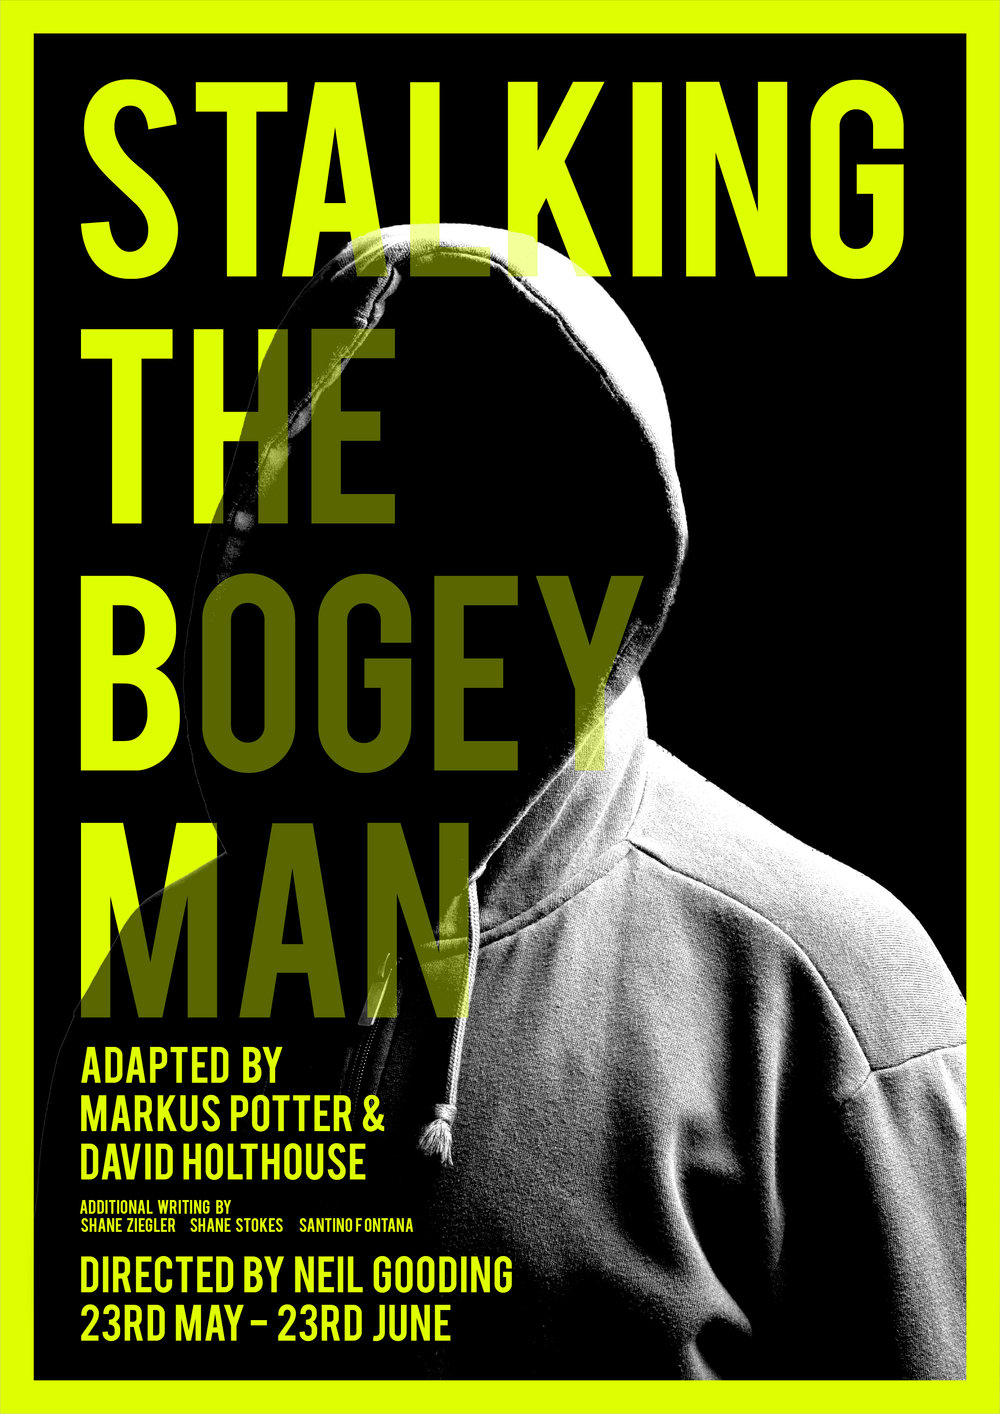 RLP19763_Stalking the Bogeyman_Web_A4